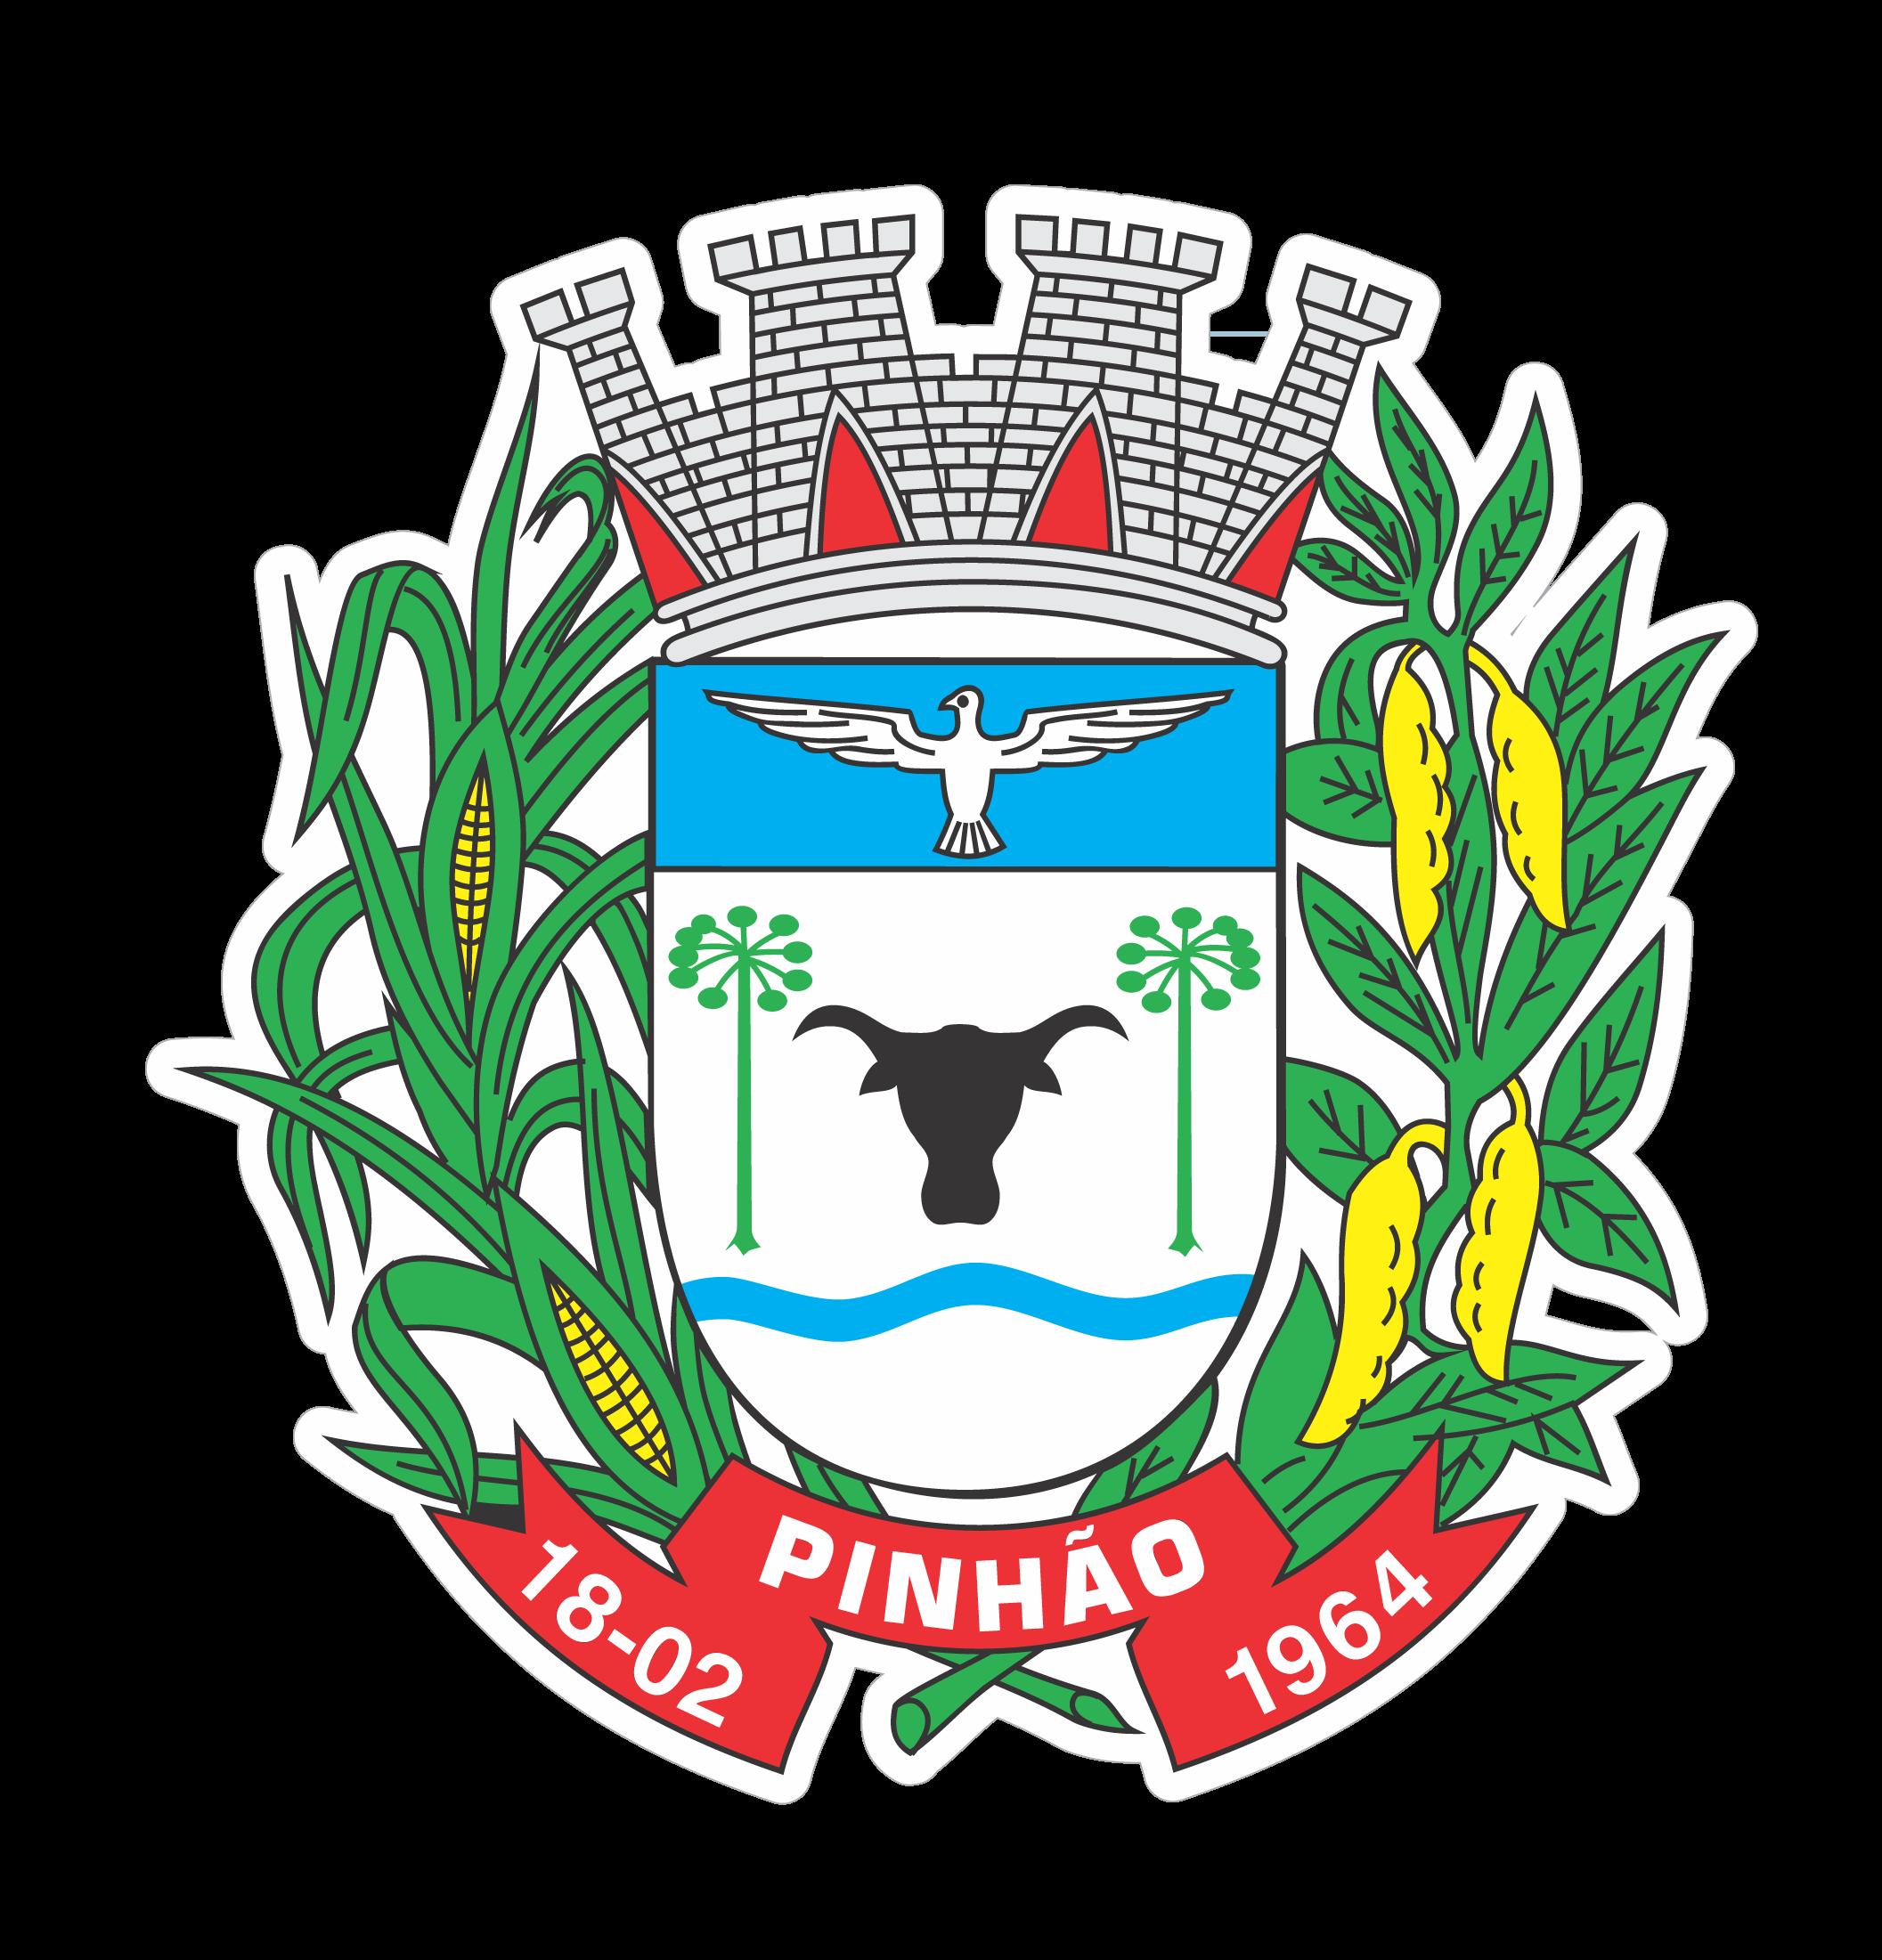 brasao-pinhão